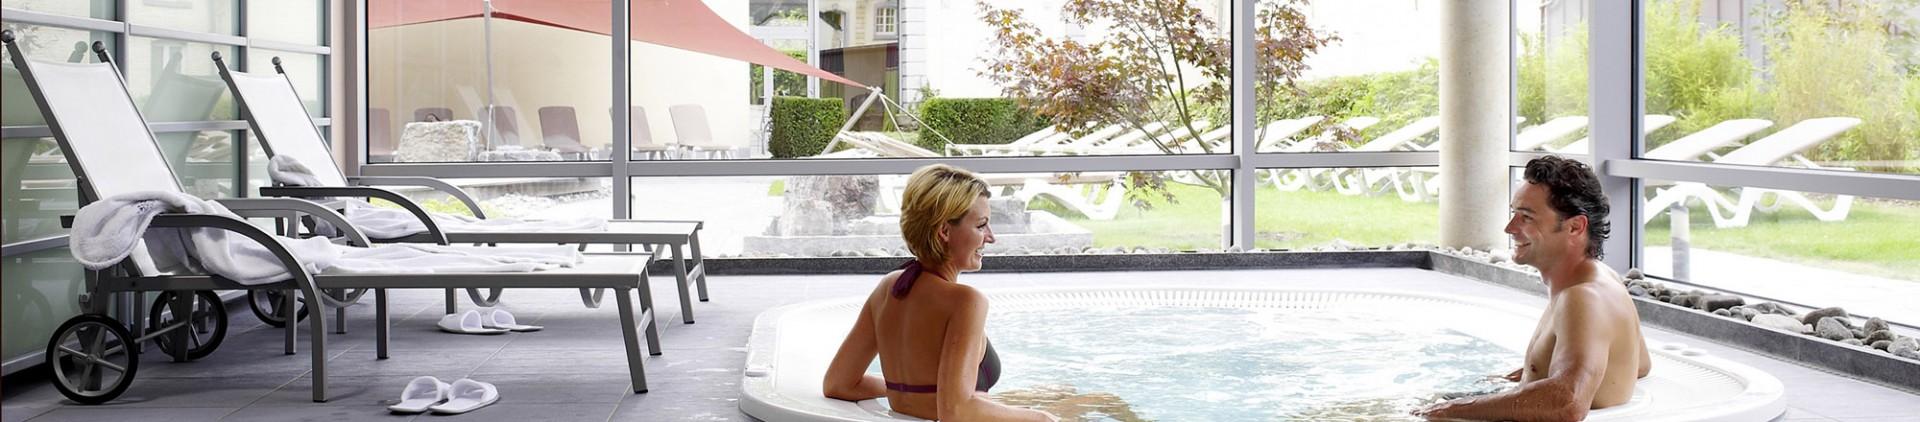 Spa et chaudfontaine les bienfaits de l eau thermale for Chaudfontaine piscine